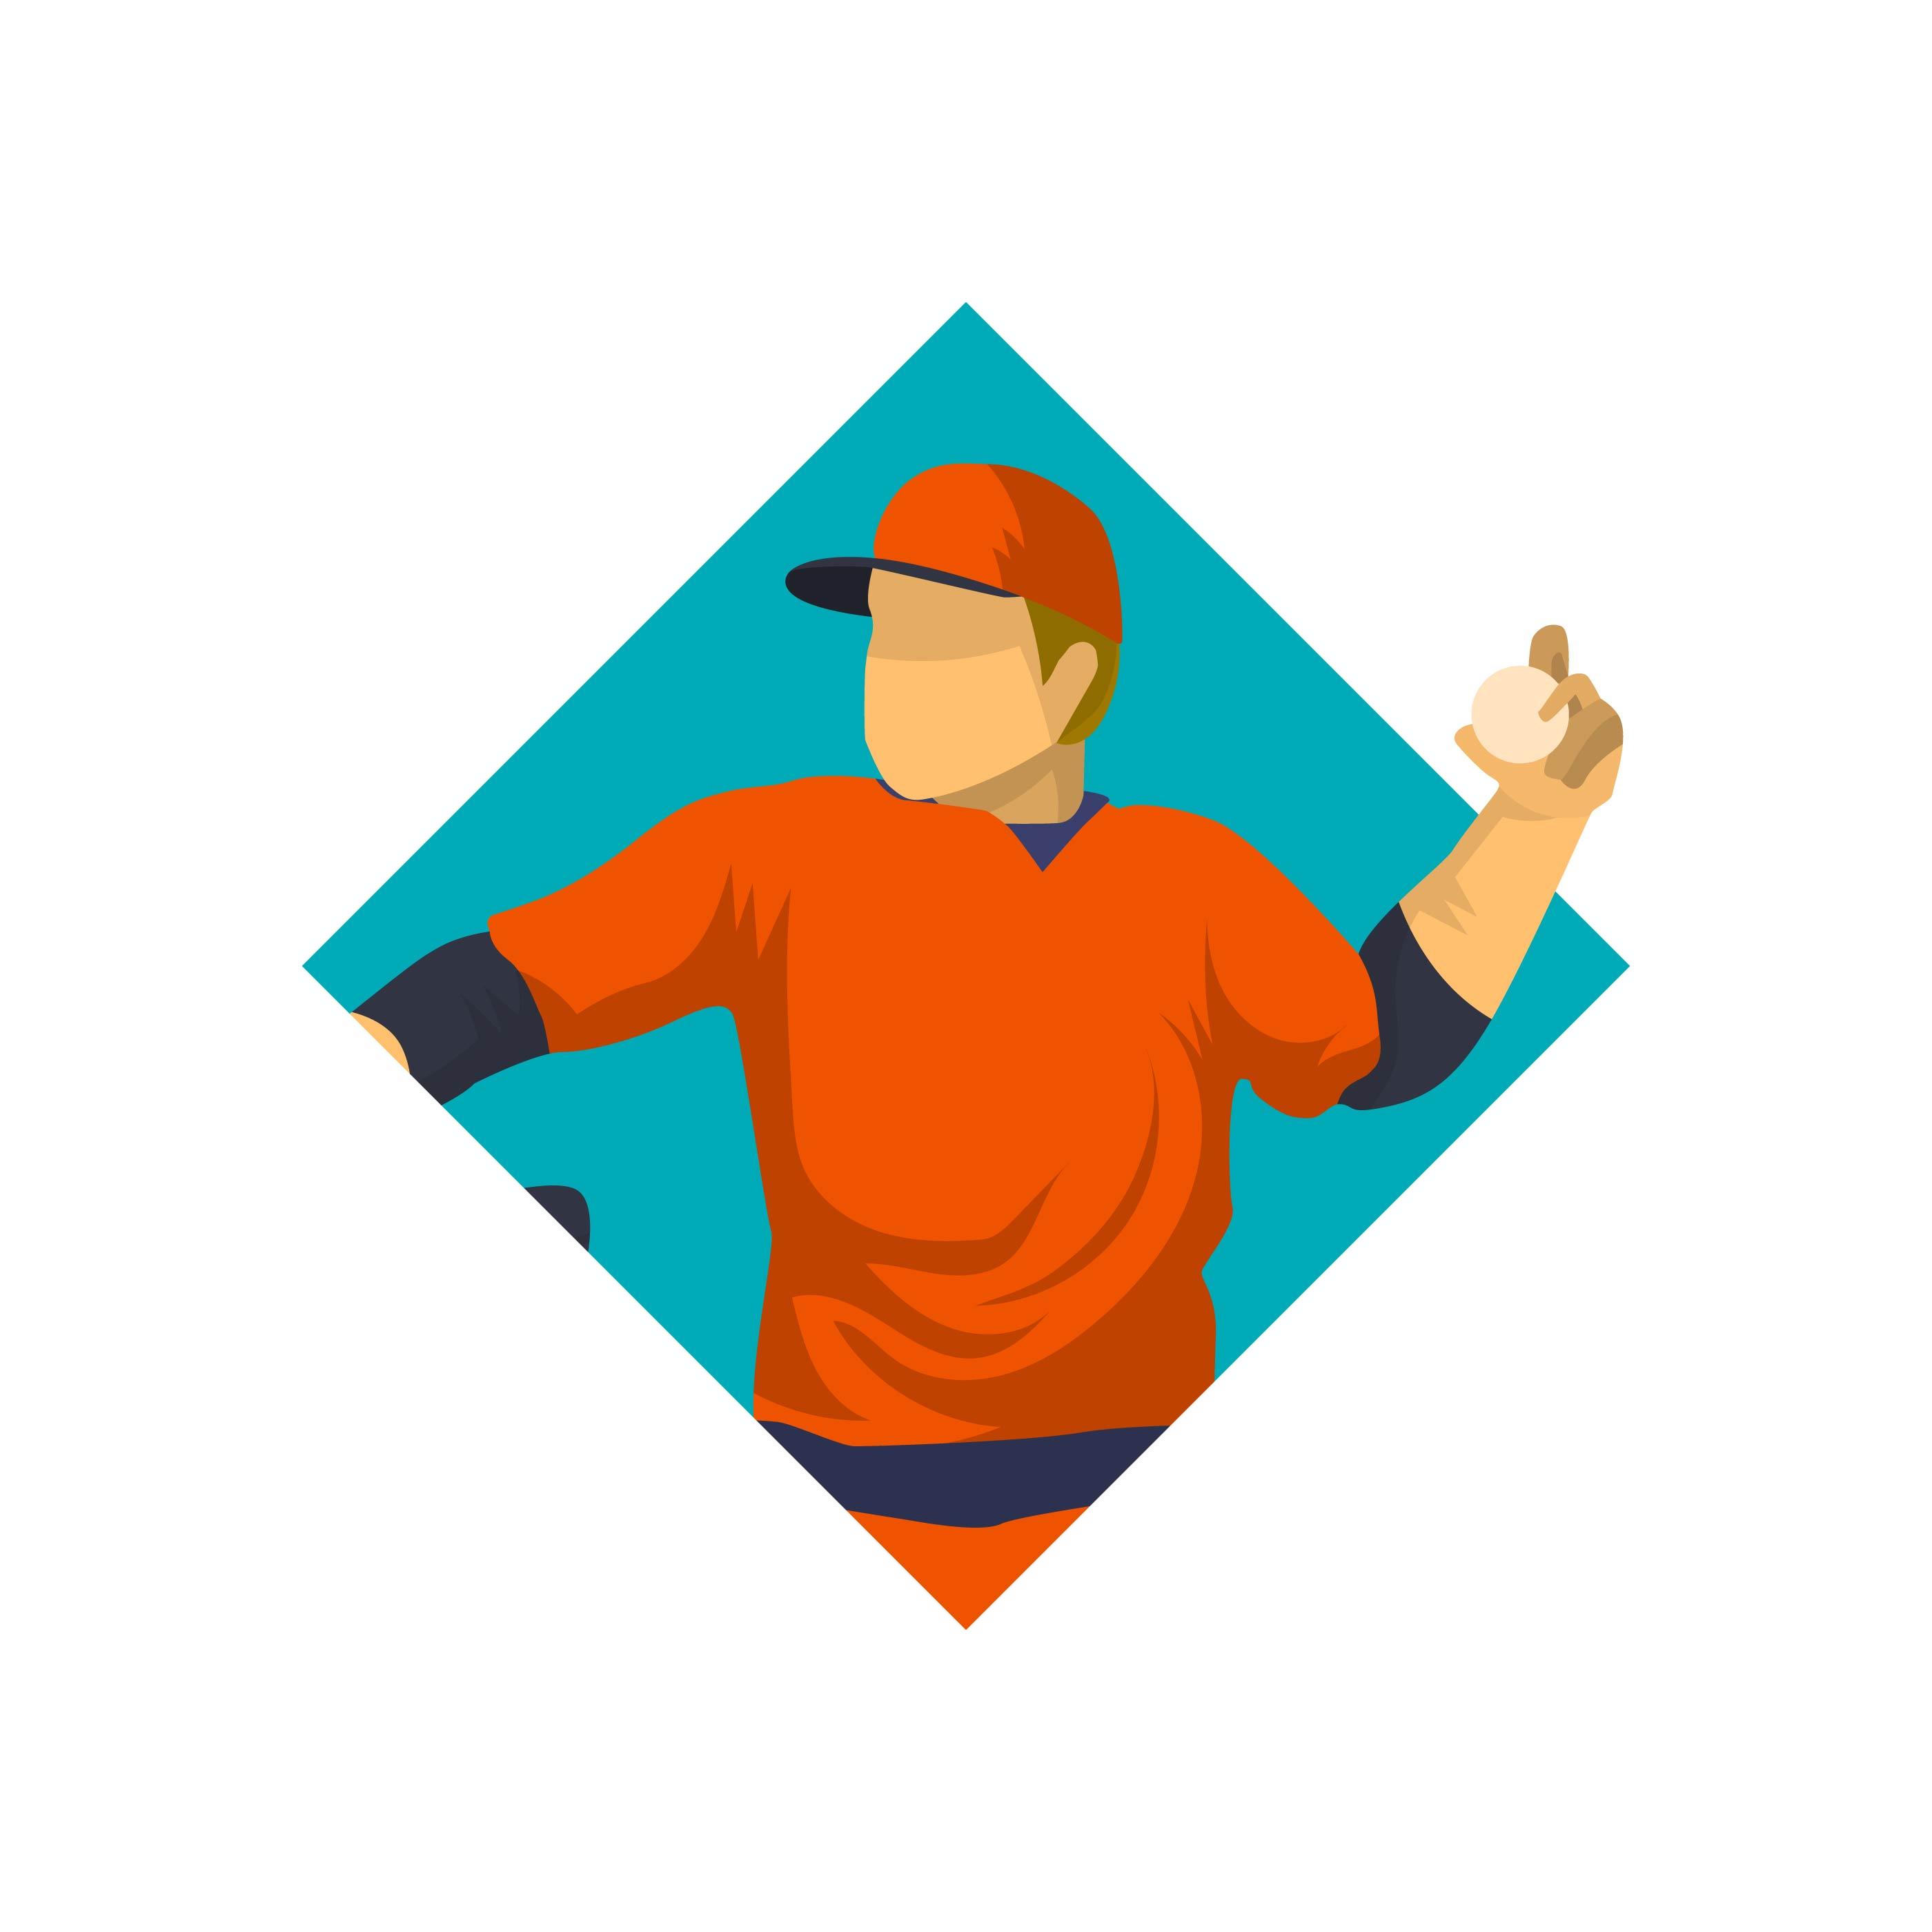 baseball field free vector art 1555 free downloads rh vecteezy com